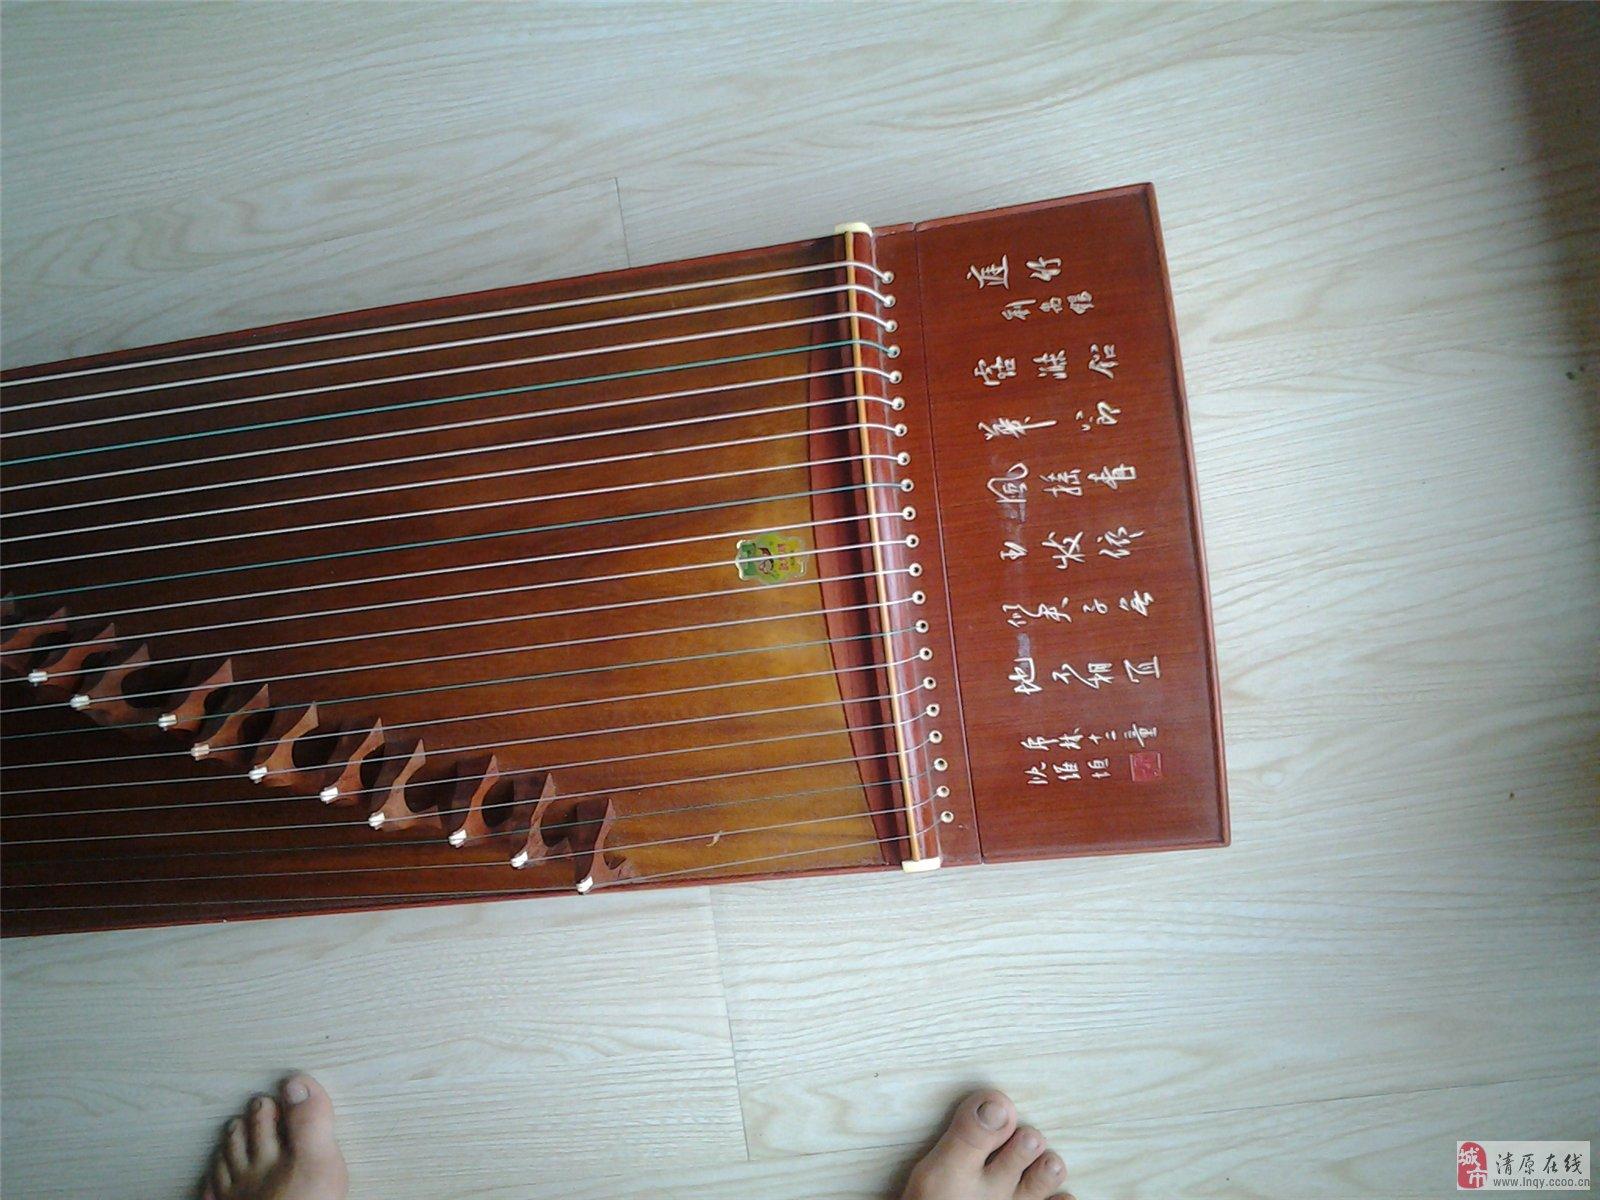 杨娜妮指法指法视频分享_杨娜妮曲谱古筝古筝拉事曲谱纪老理说全部